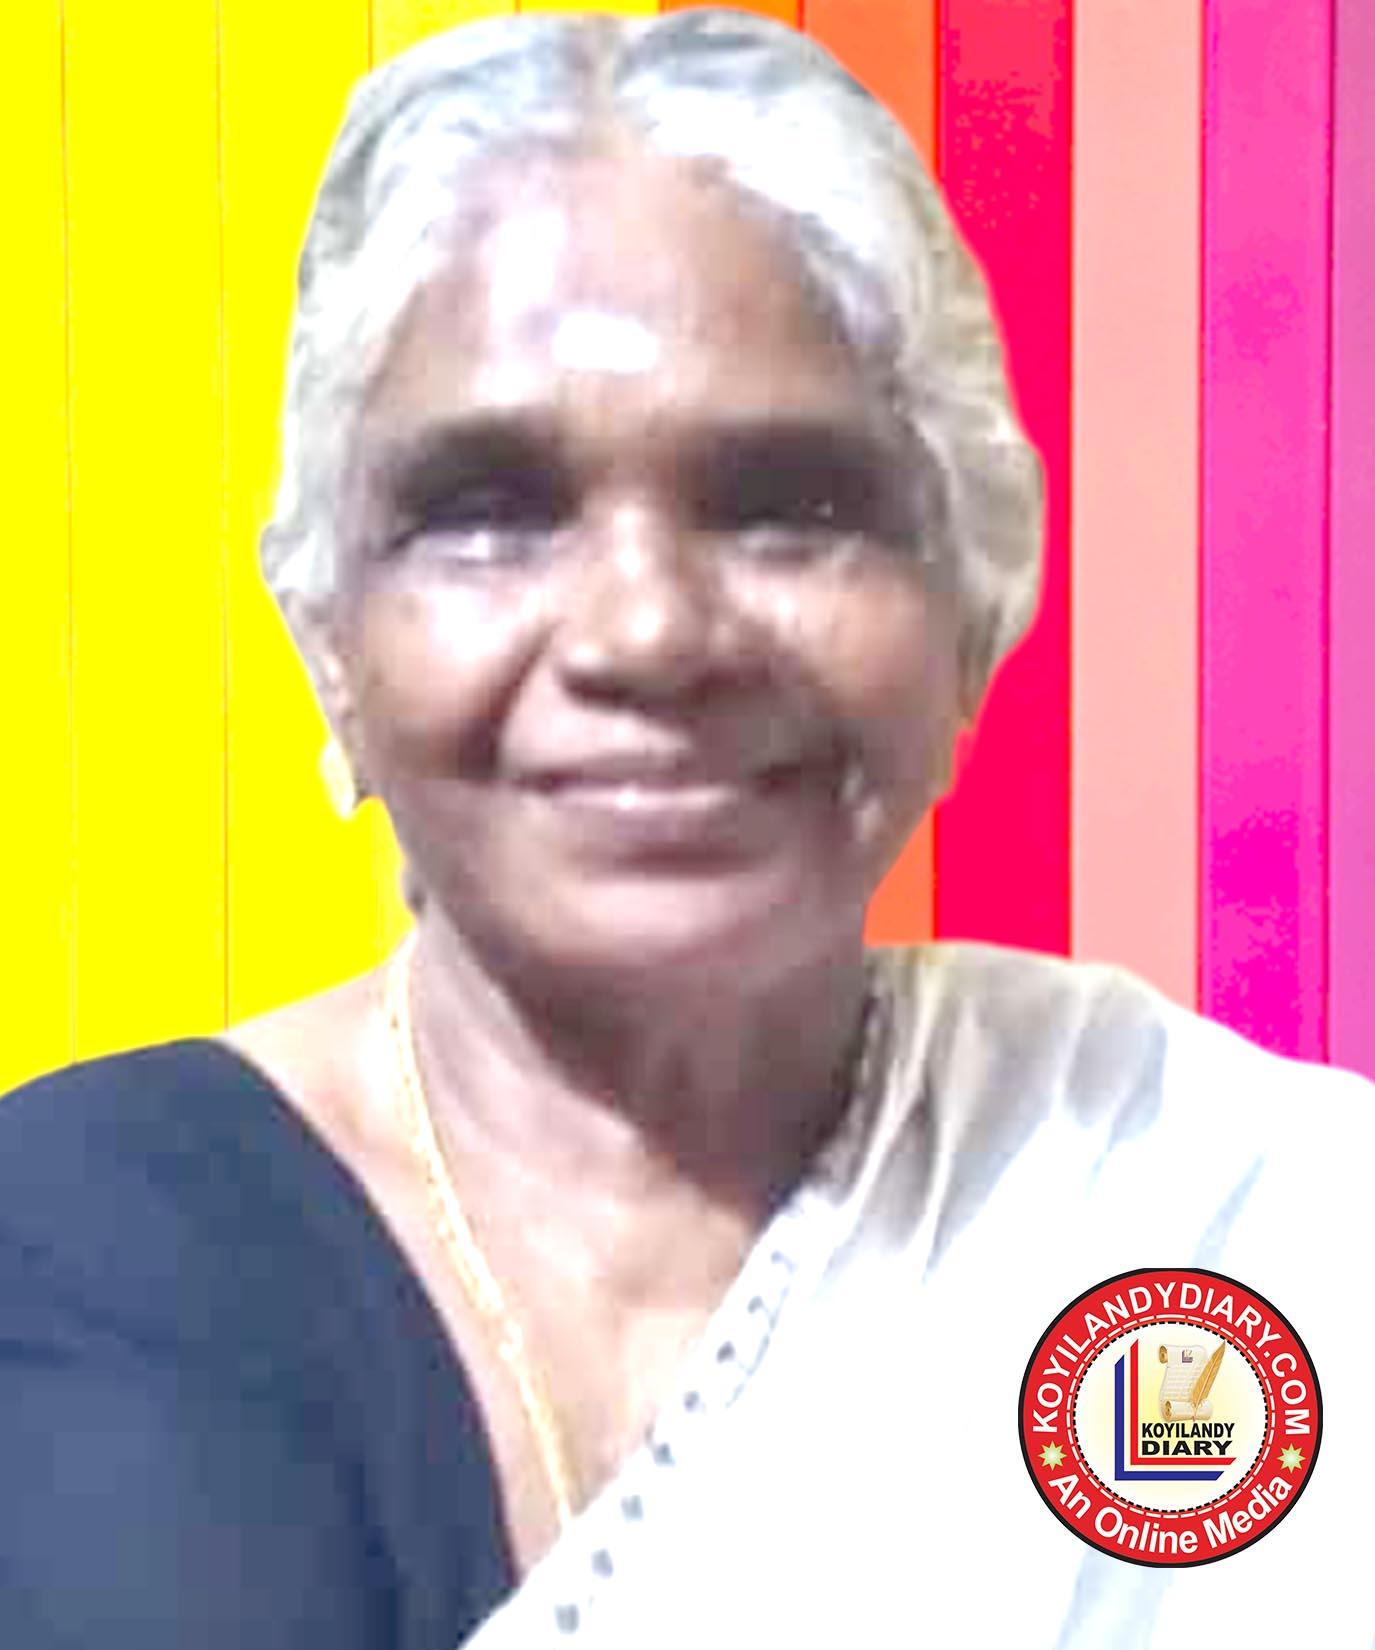 തിരൂർ ഇരിങ്ങാവൂർ പടിക്കപറമ്പിൽ ഷൈല (73)